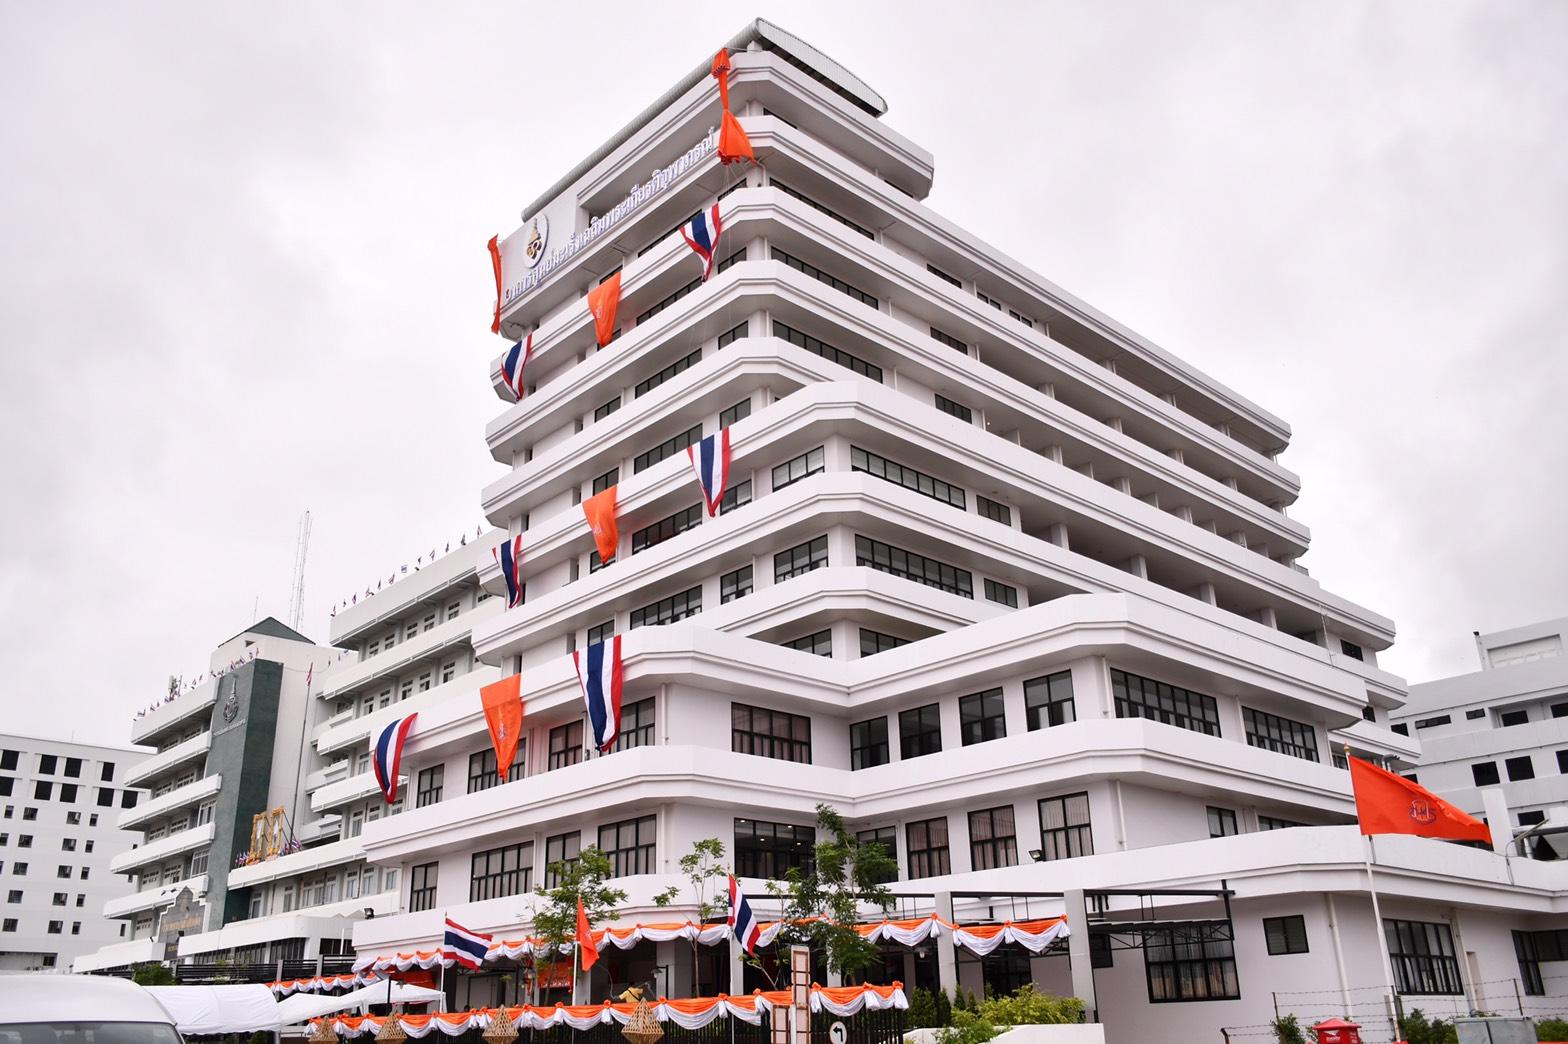 สมเด็จกรมพระศรีสวางควัฒนฯ เสด็จฯ เปิดอาคารศูนย์มะเร็งเฉลิมพระเกียรติจุฬาภรณ์ รพ.ร้อยเอ็ด